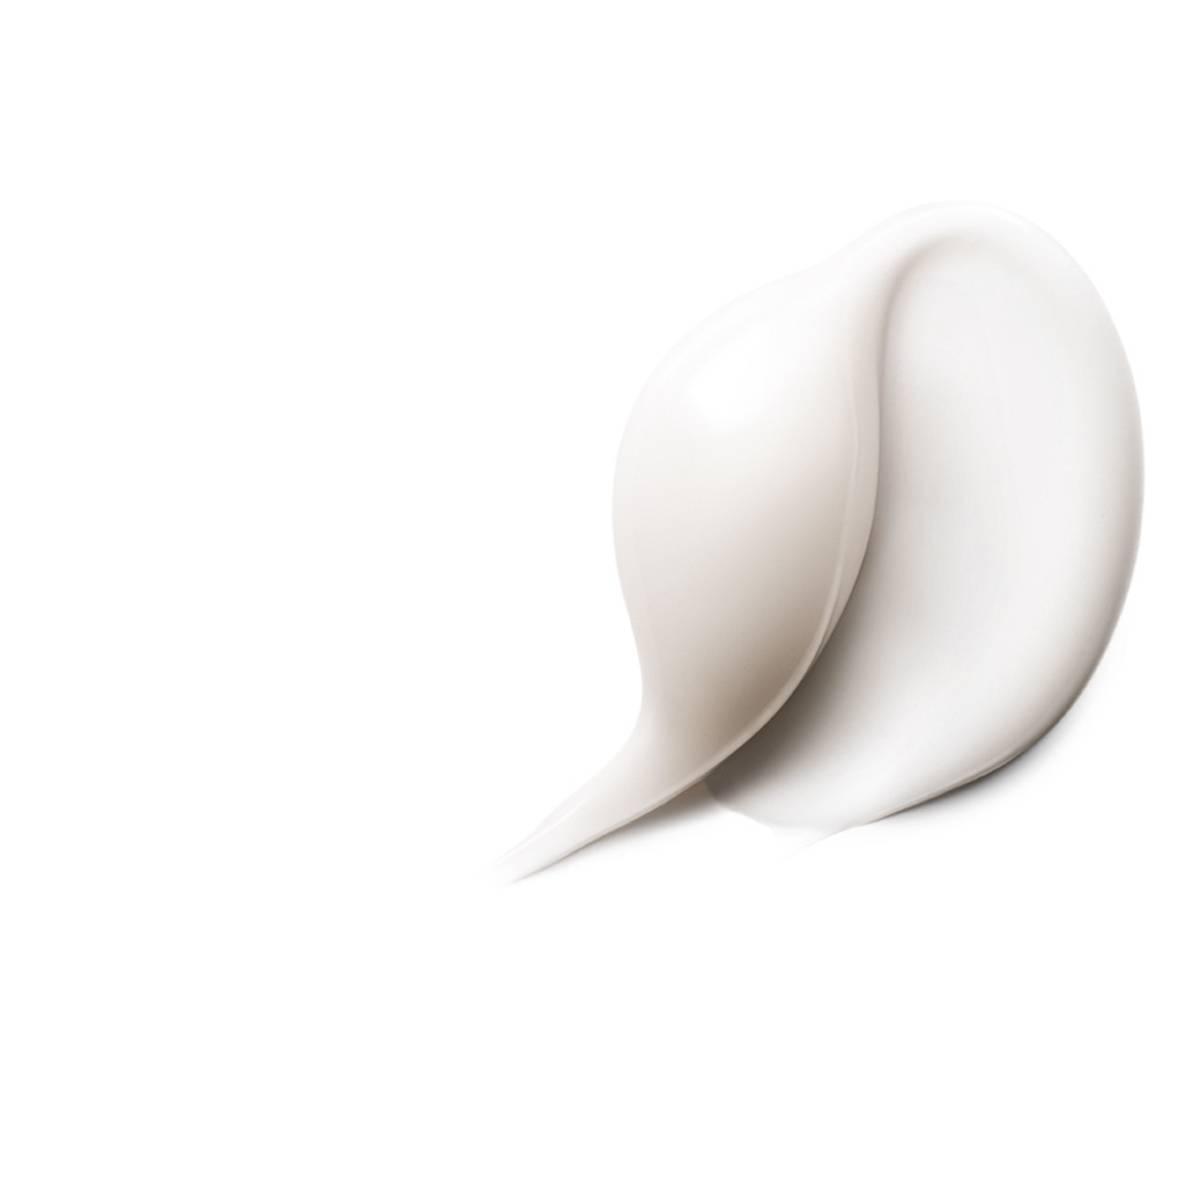 La Roche Posay Tuotesivu Ikääntymisen ehkäisy Hyalu B5 Cream Texture